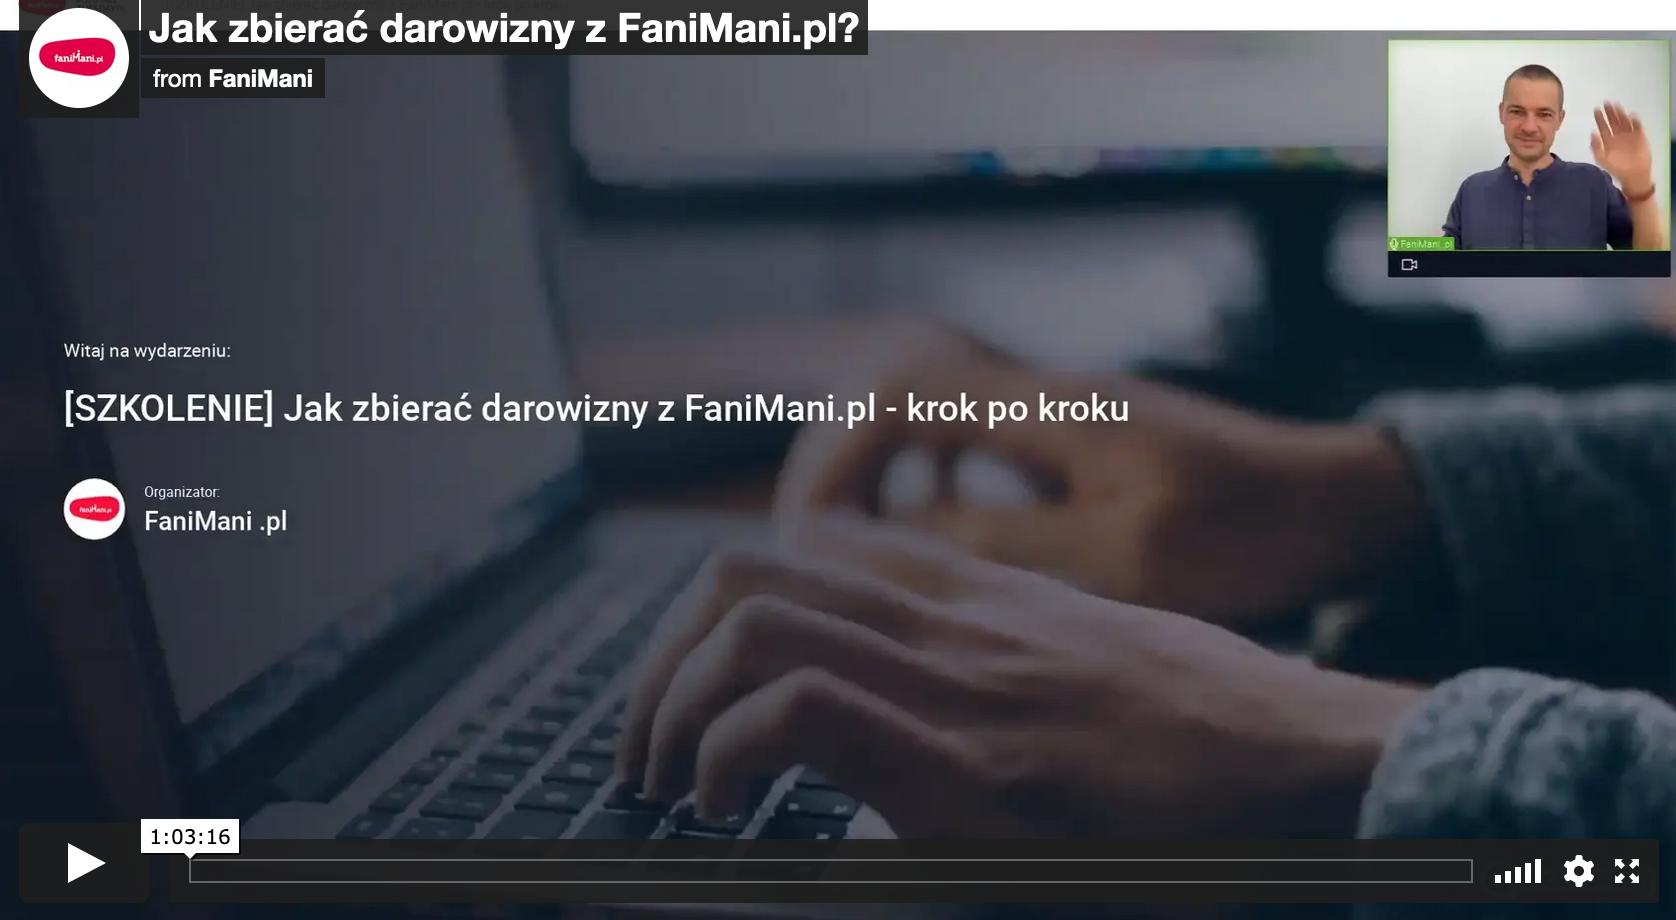 Jak zbierać darowizny z FaniMani.pl?